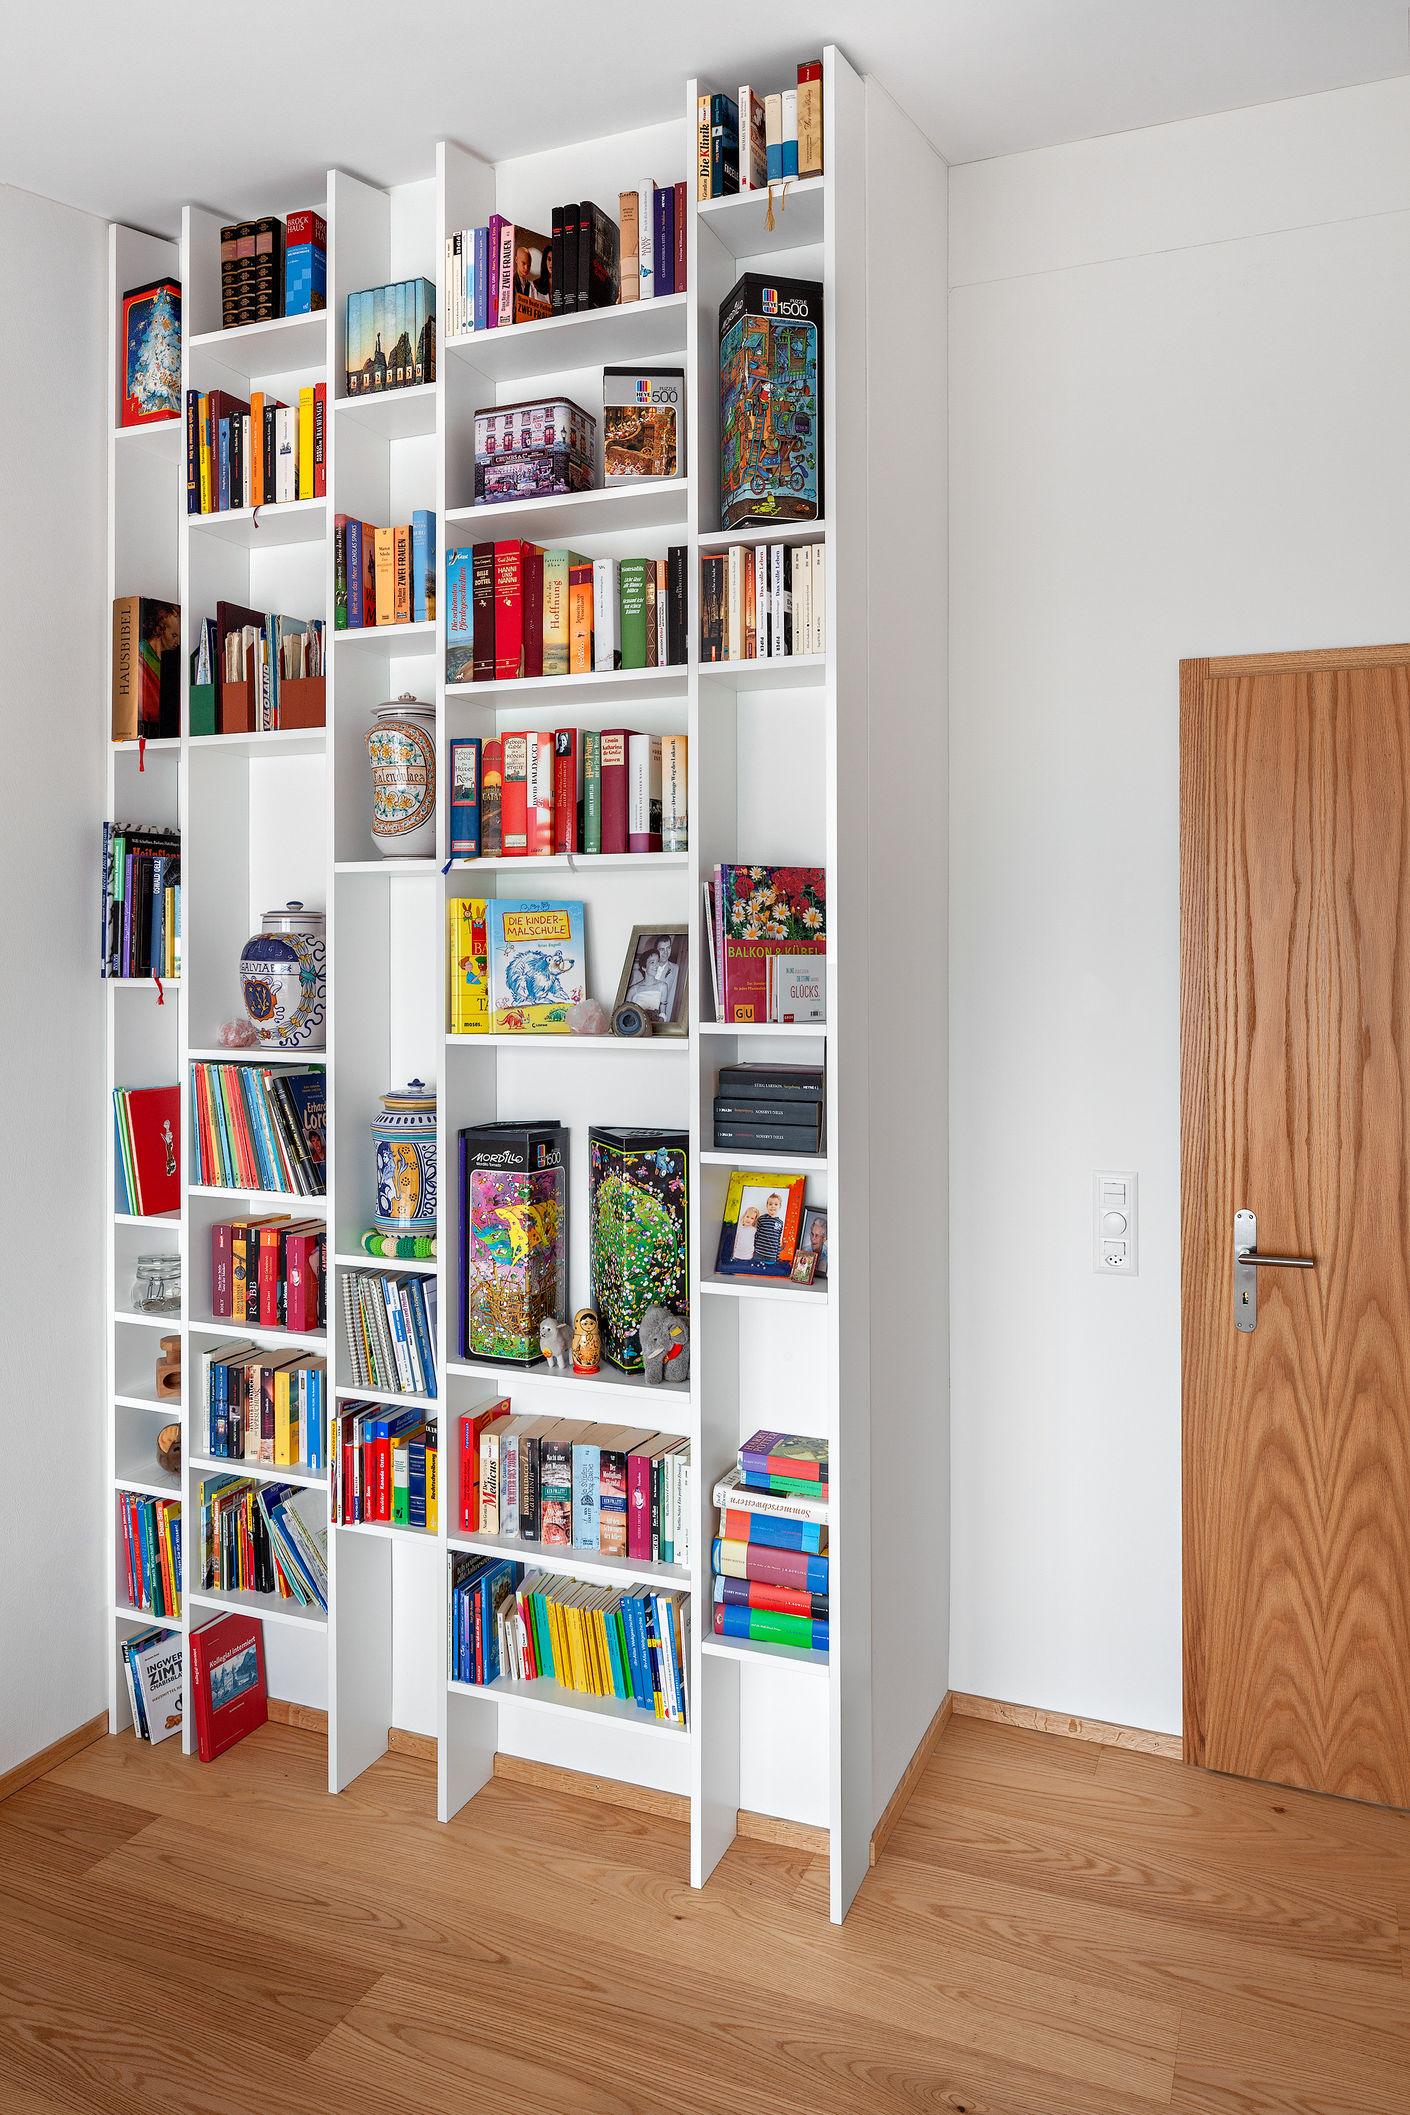 Unscheinbar fügt sich dieses Regal in den Raum ein und bietet unzählige Möglichkeiten, die lieb gewonnenen Kostbarkeiten in den Blickpunkt zu setzen.